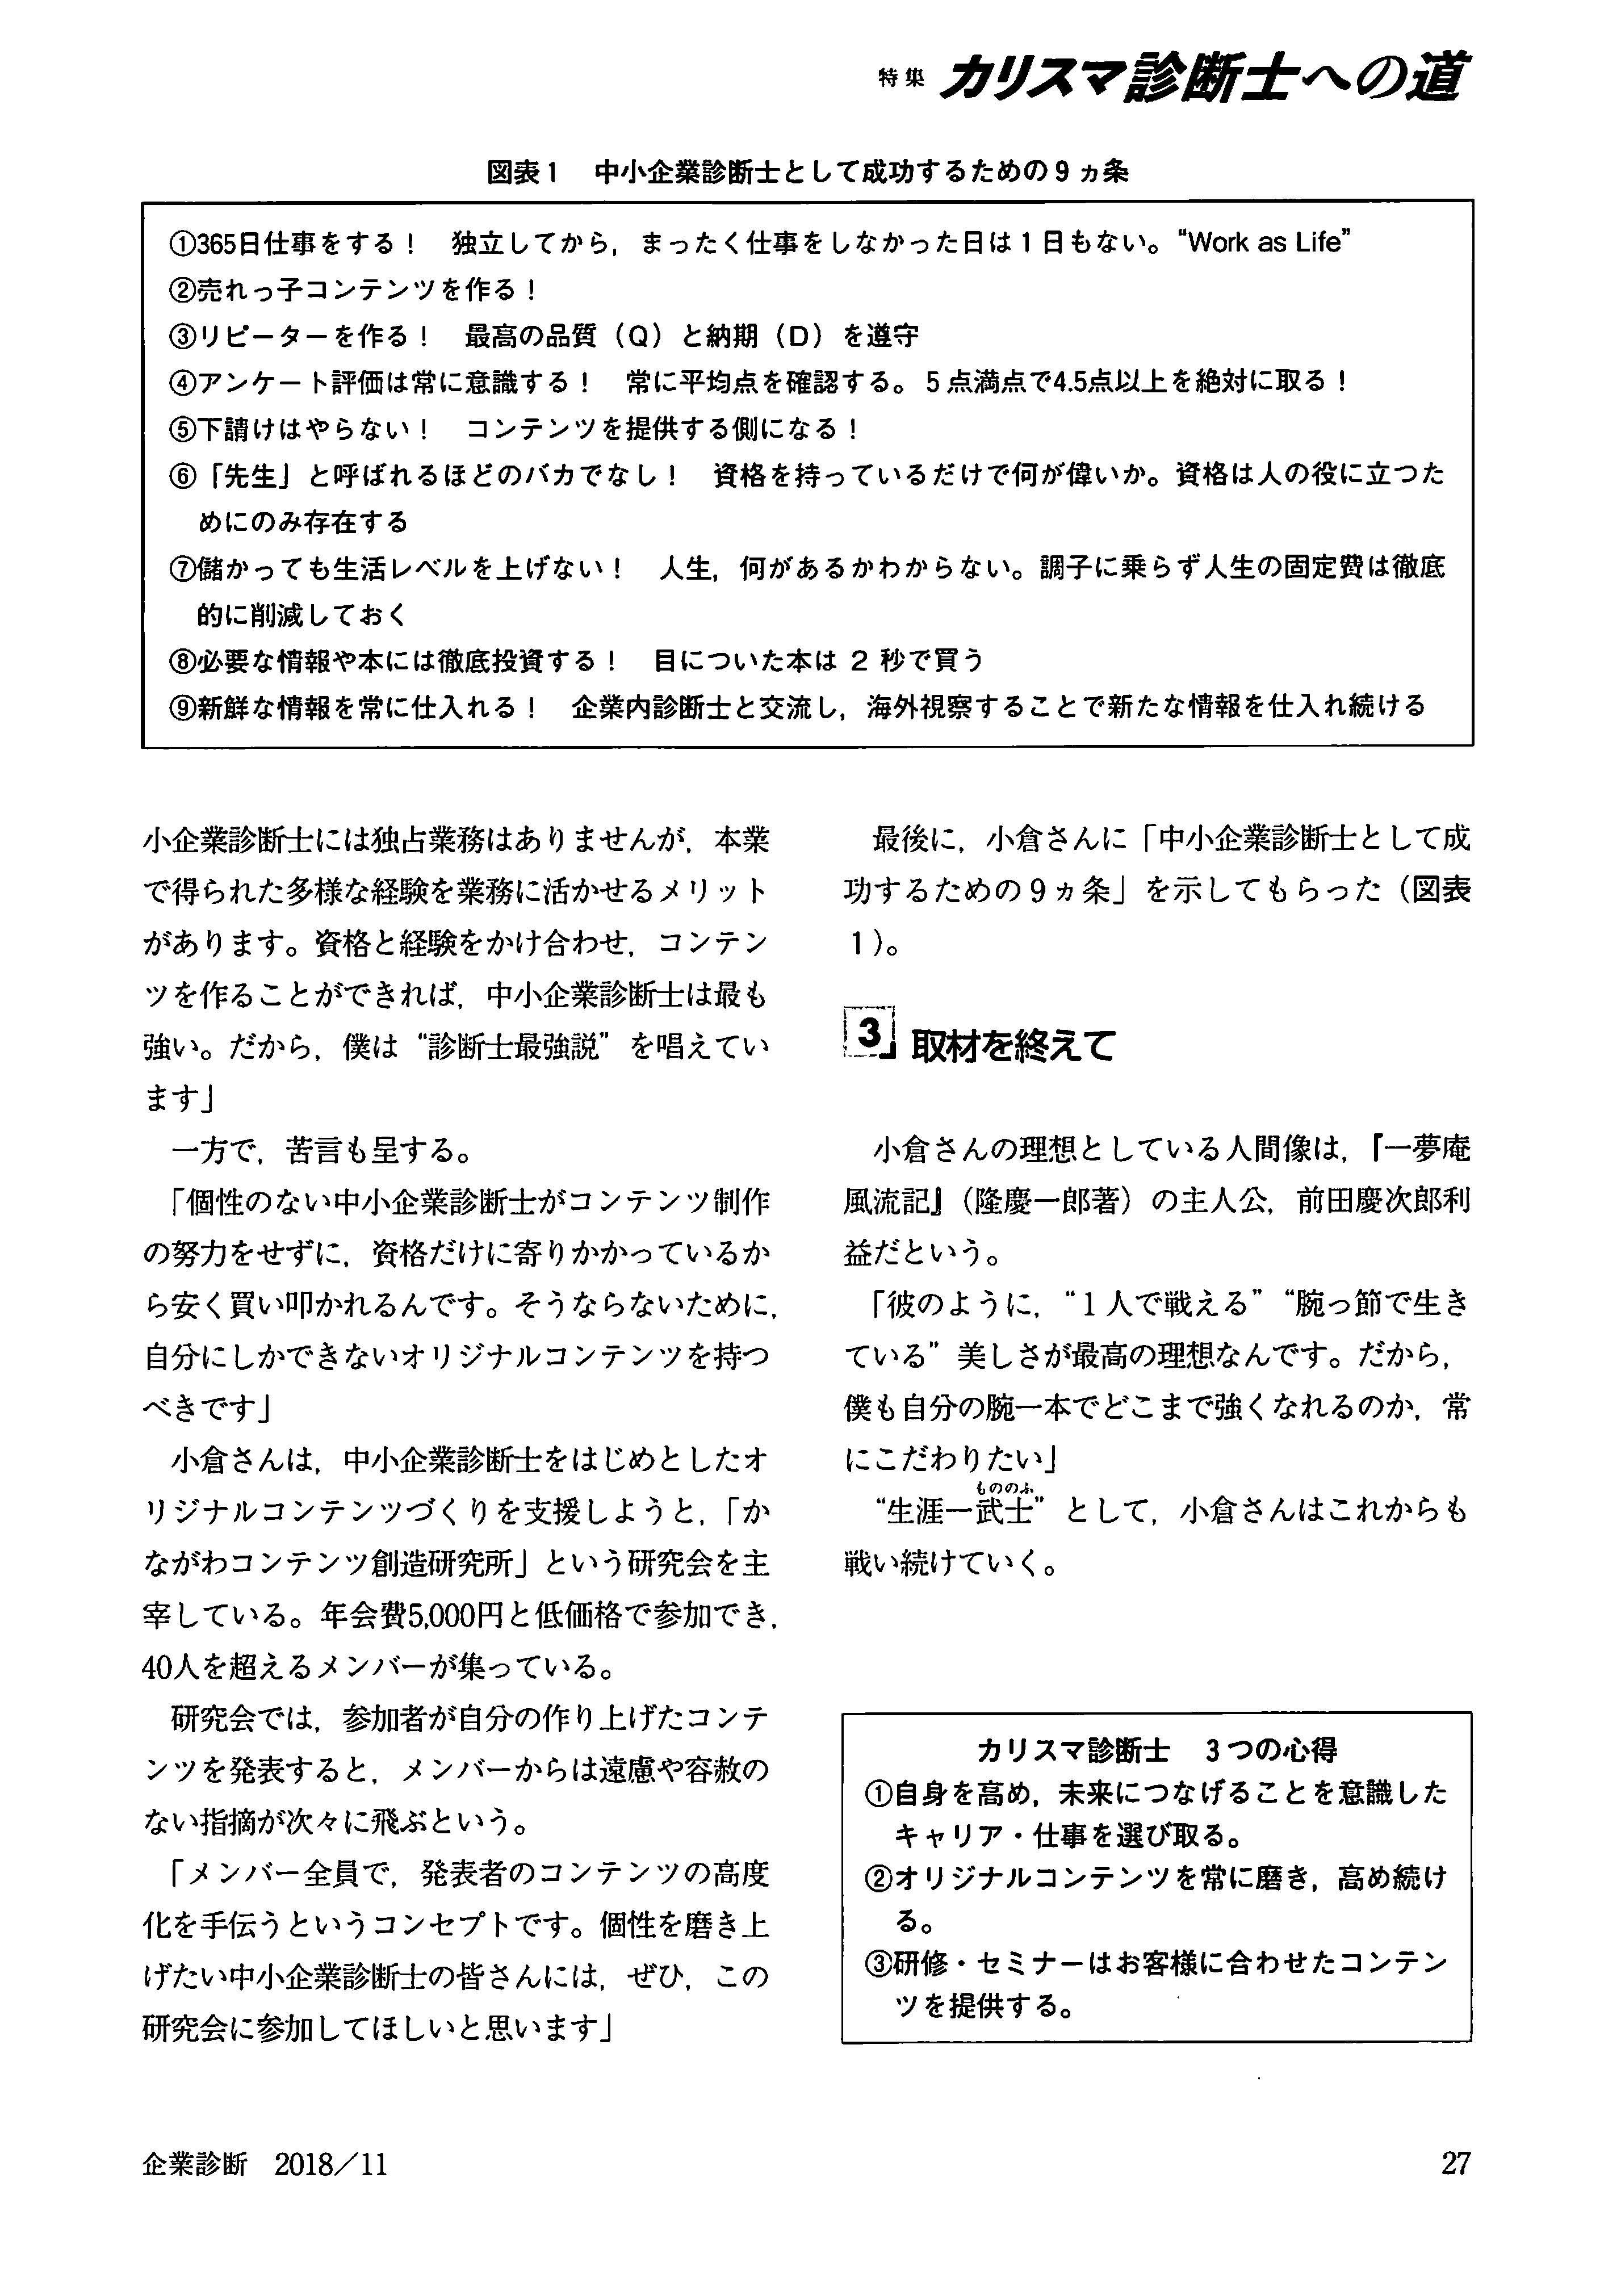 KigyoShindan_ページ_6